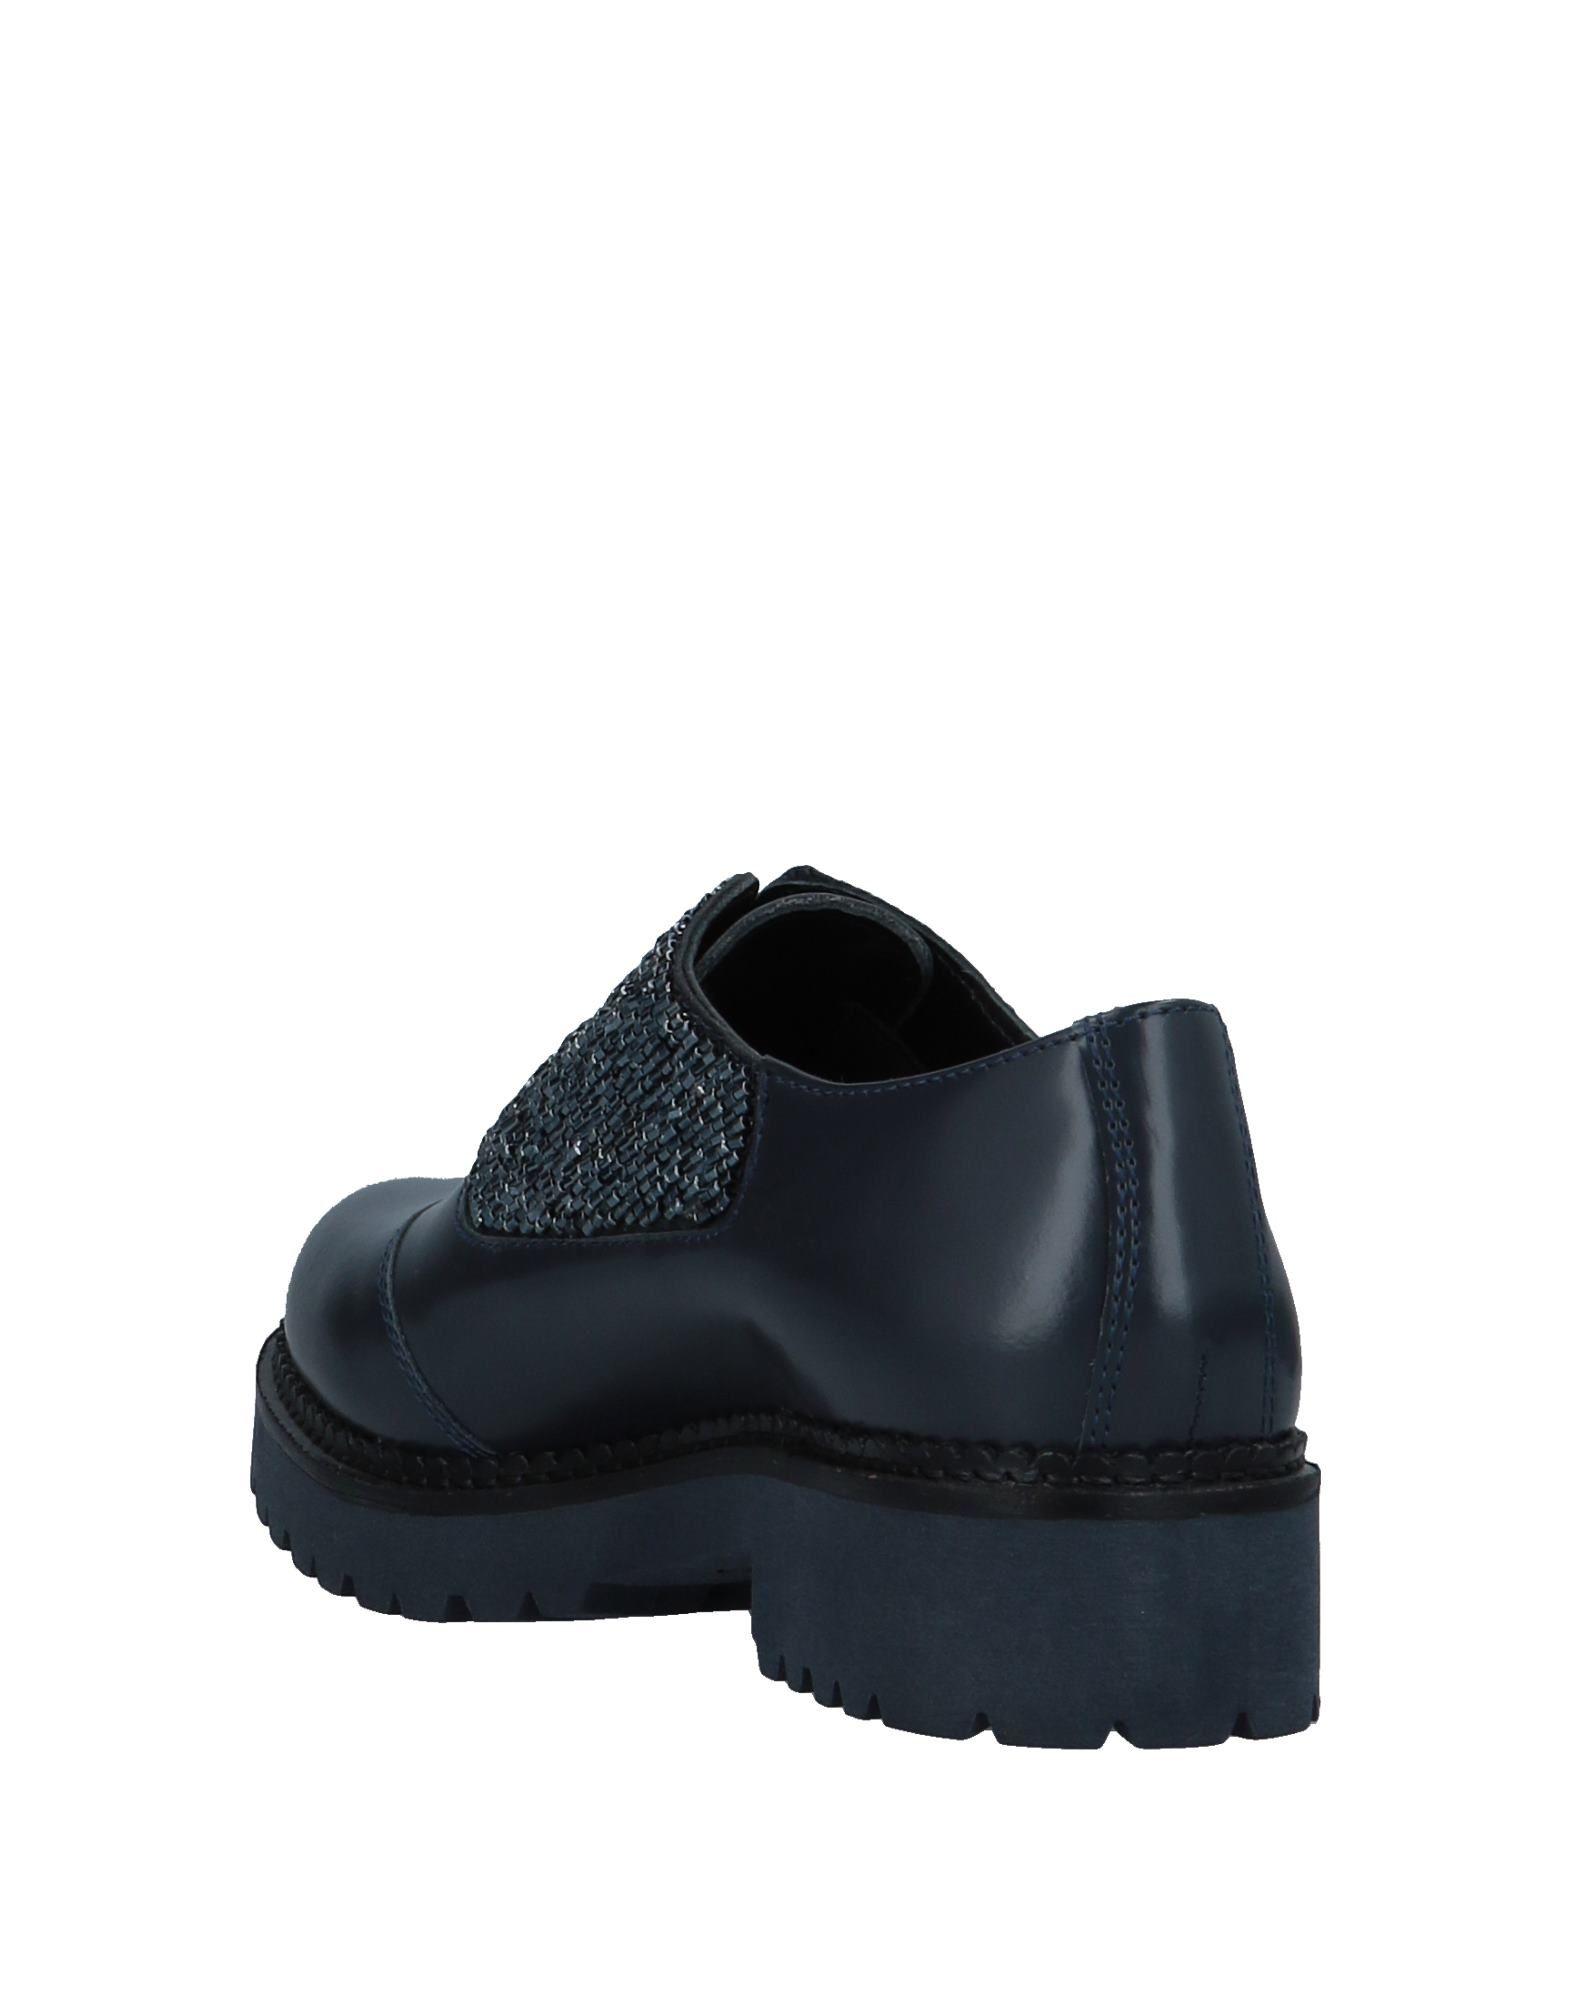 Apepazza Mokassins Damen  11509232FO Gute Qualität beliebte Schuhe